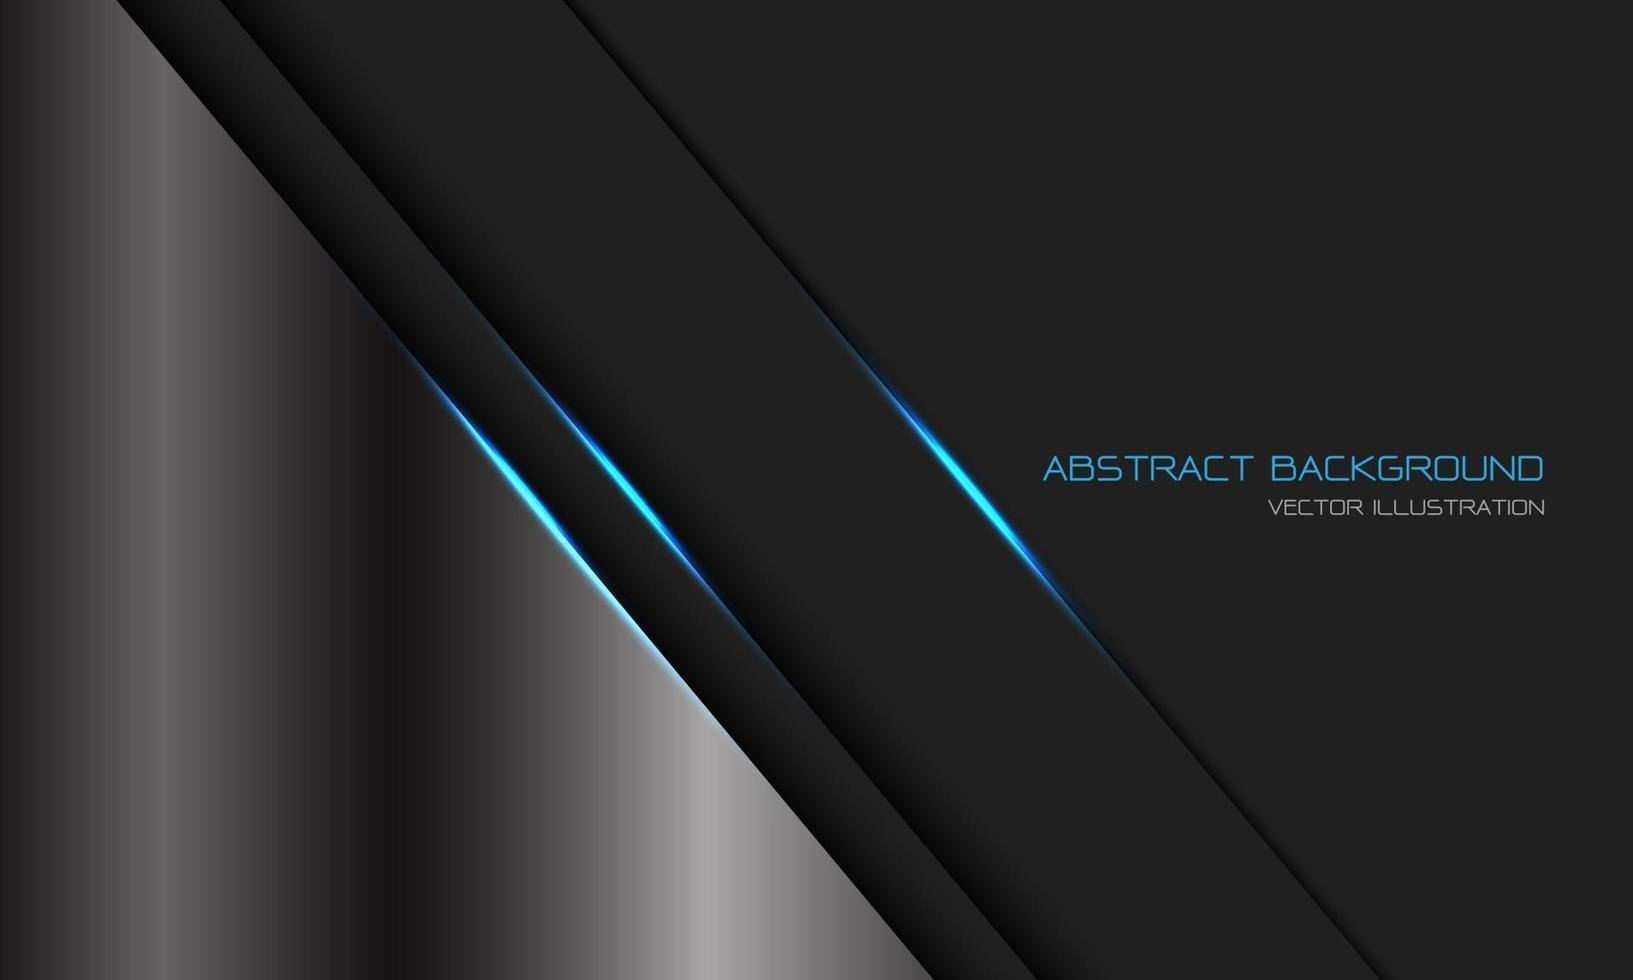 abstrakt silver mörkgrå metallblått ljuslinje snedstreck med tomrumsdesign modern lyx futuristisk teknik bakgrund vektorillustration. vektor